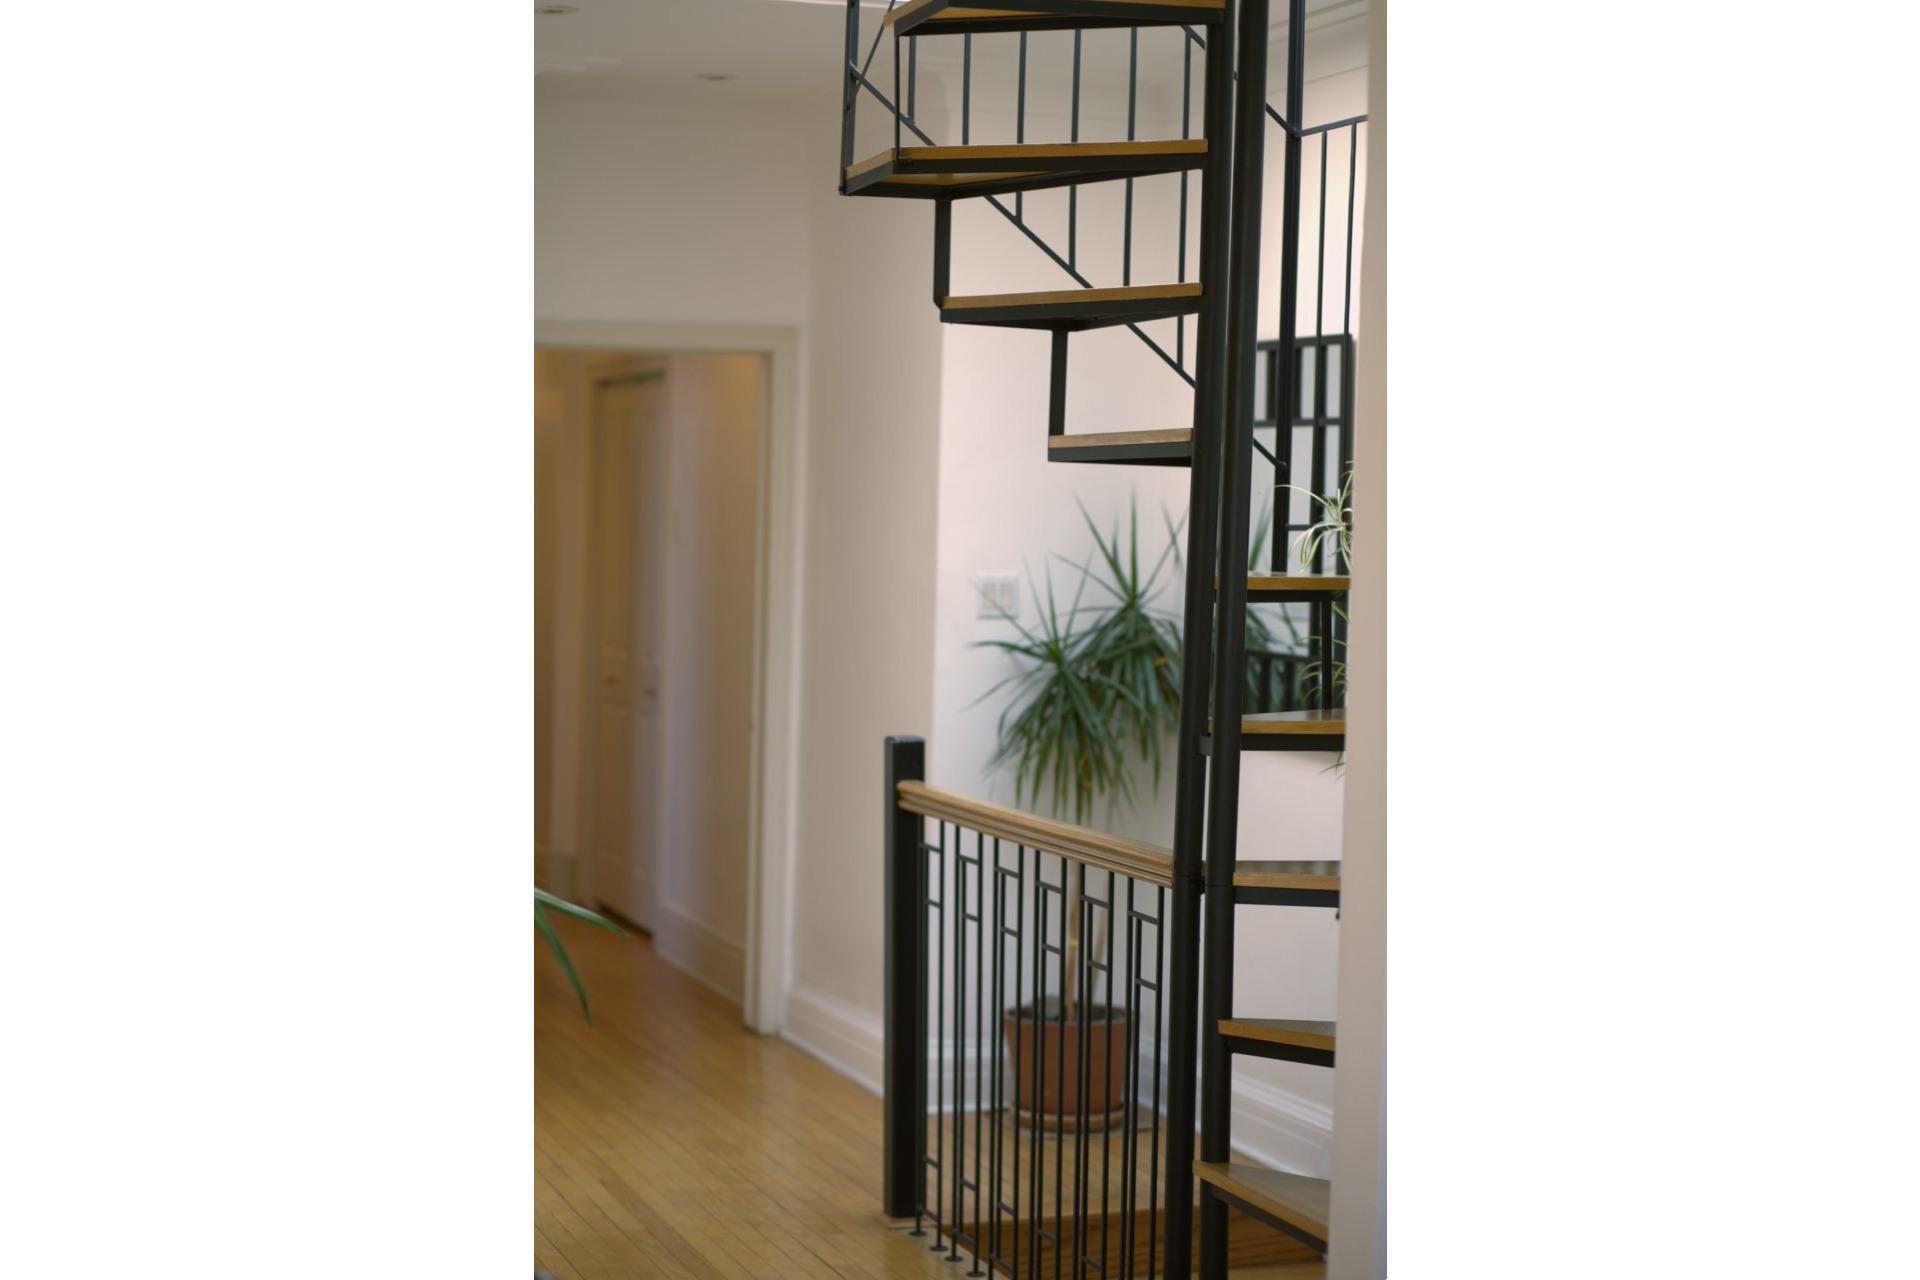 image 25 - Appartement À vendre Côte-des-Neiges/Notre-Dame-de-Grâce Montréal  - 10 pièces